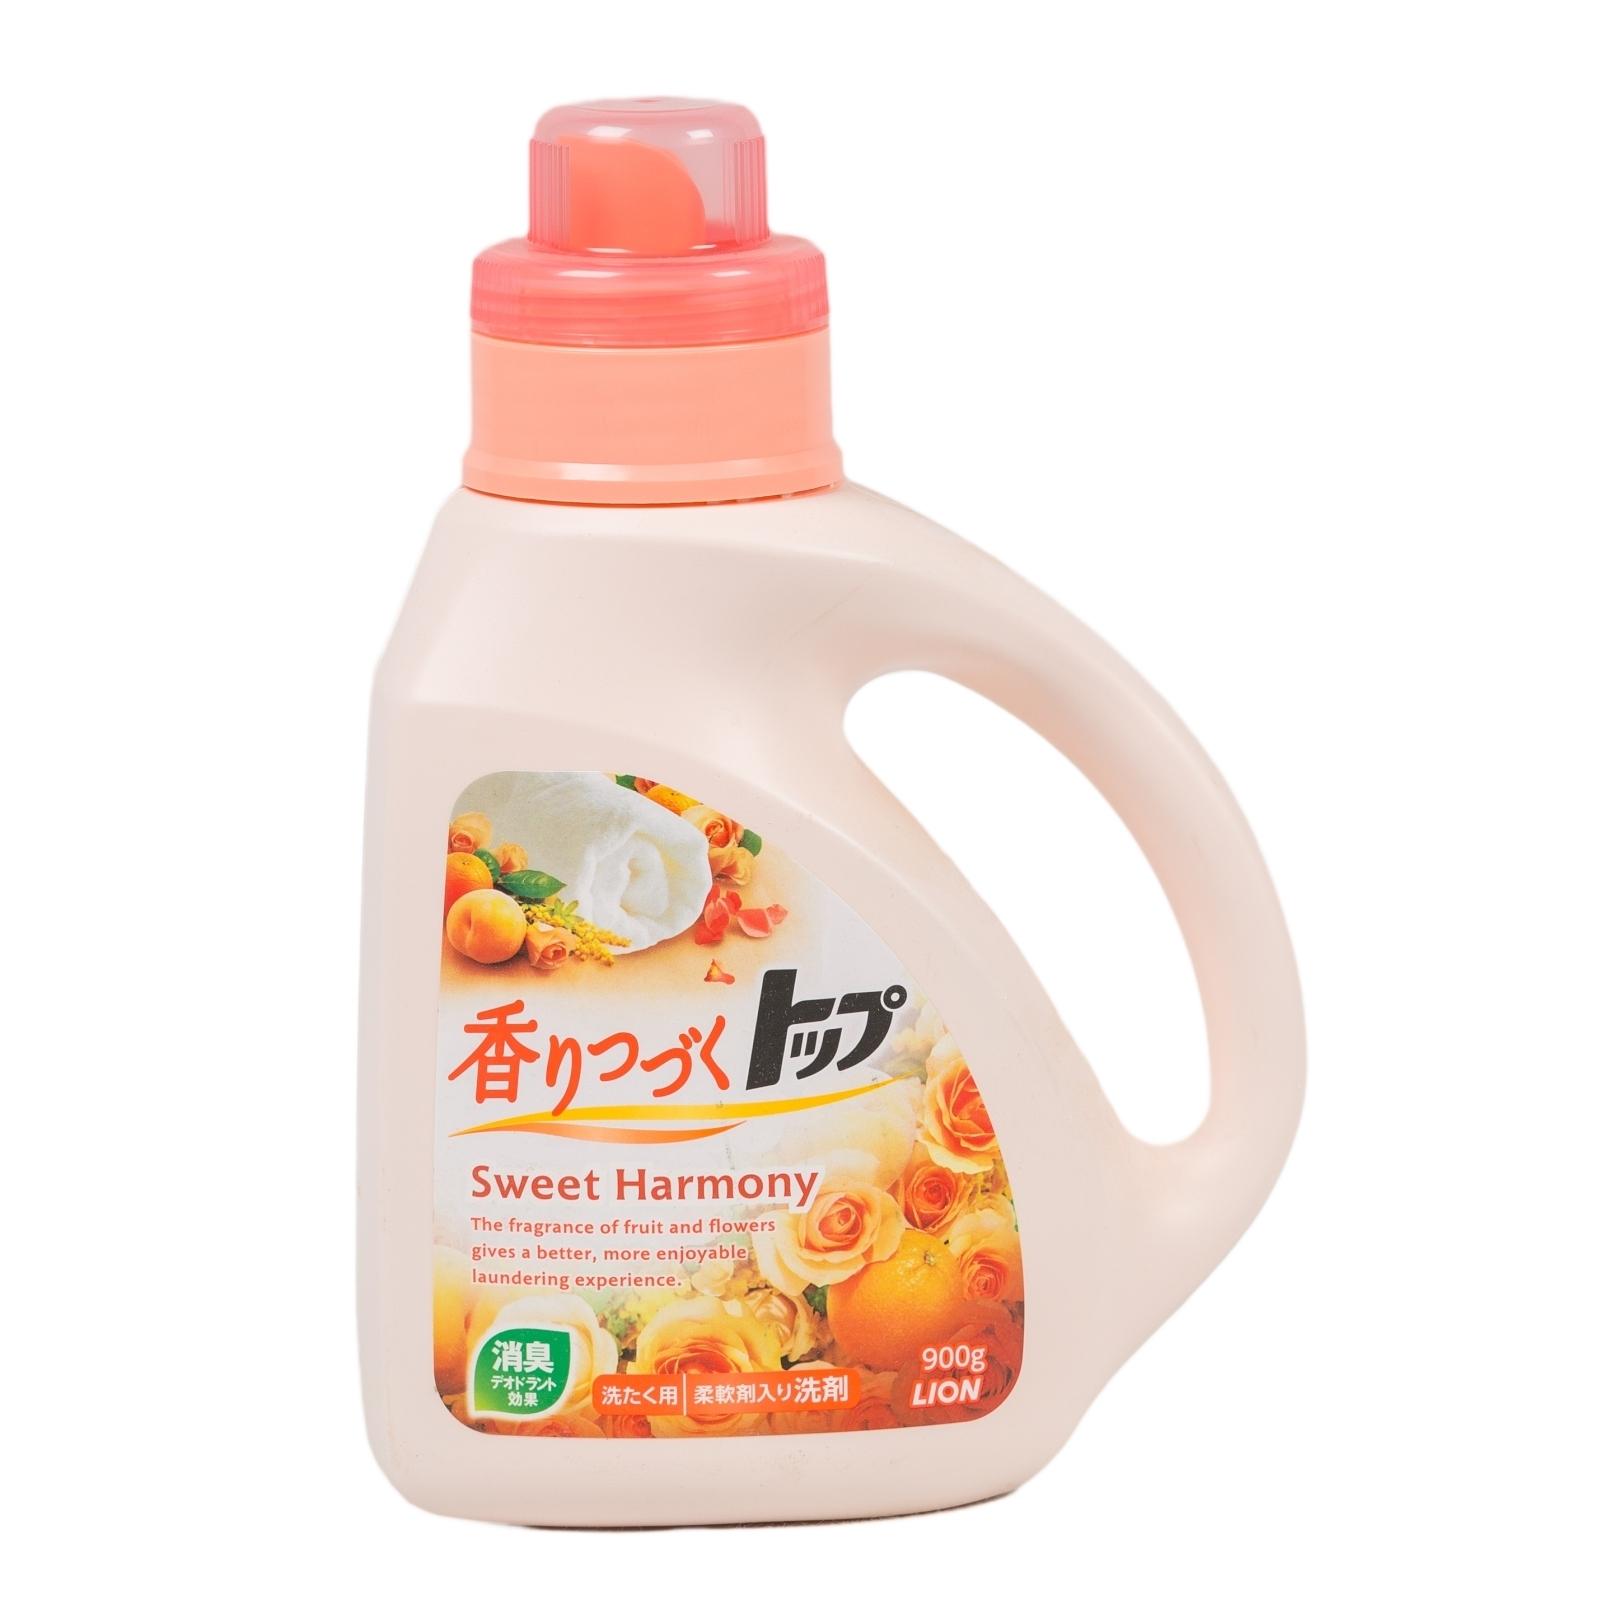 Жидкое средство для стирки Lion ТОР 900 мл. Sweet Harmony (Сладкая гармония)<br>